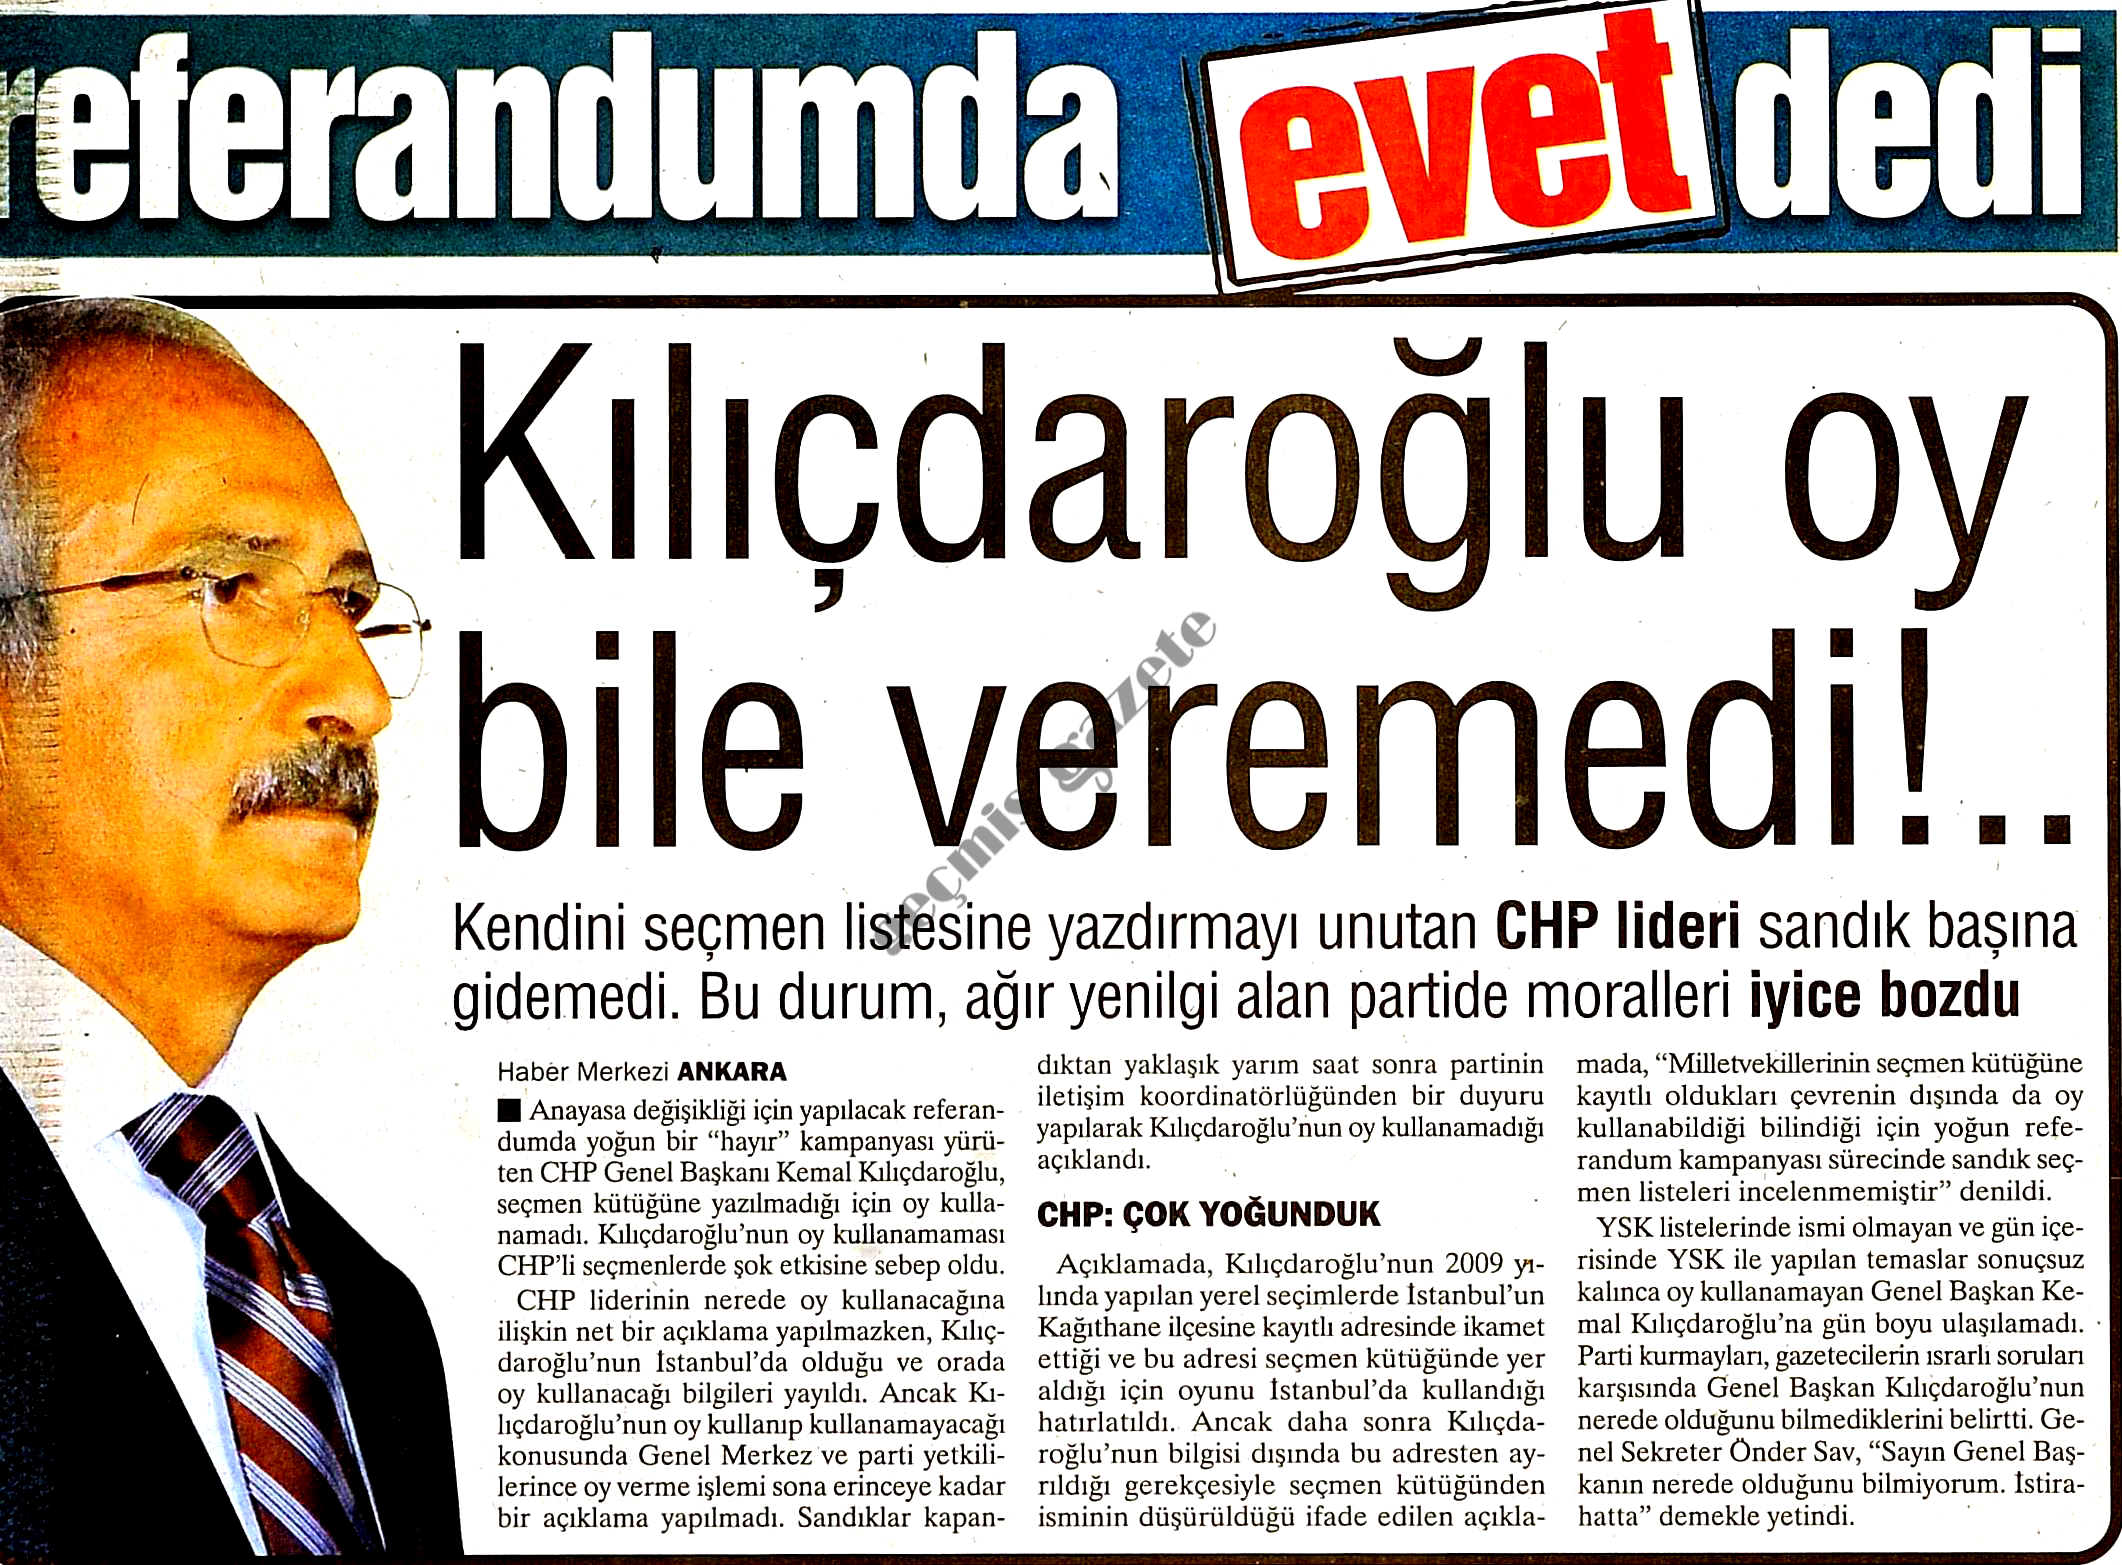 Kılıçdaroğlu oy bile veremedi